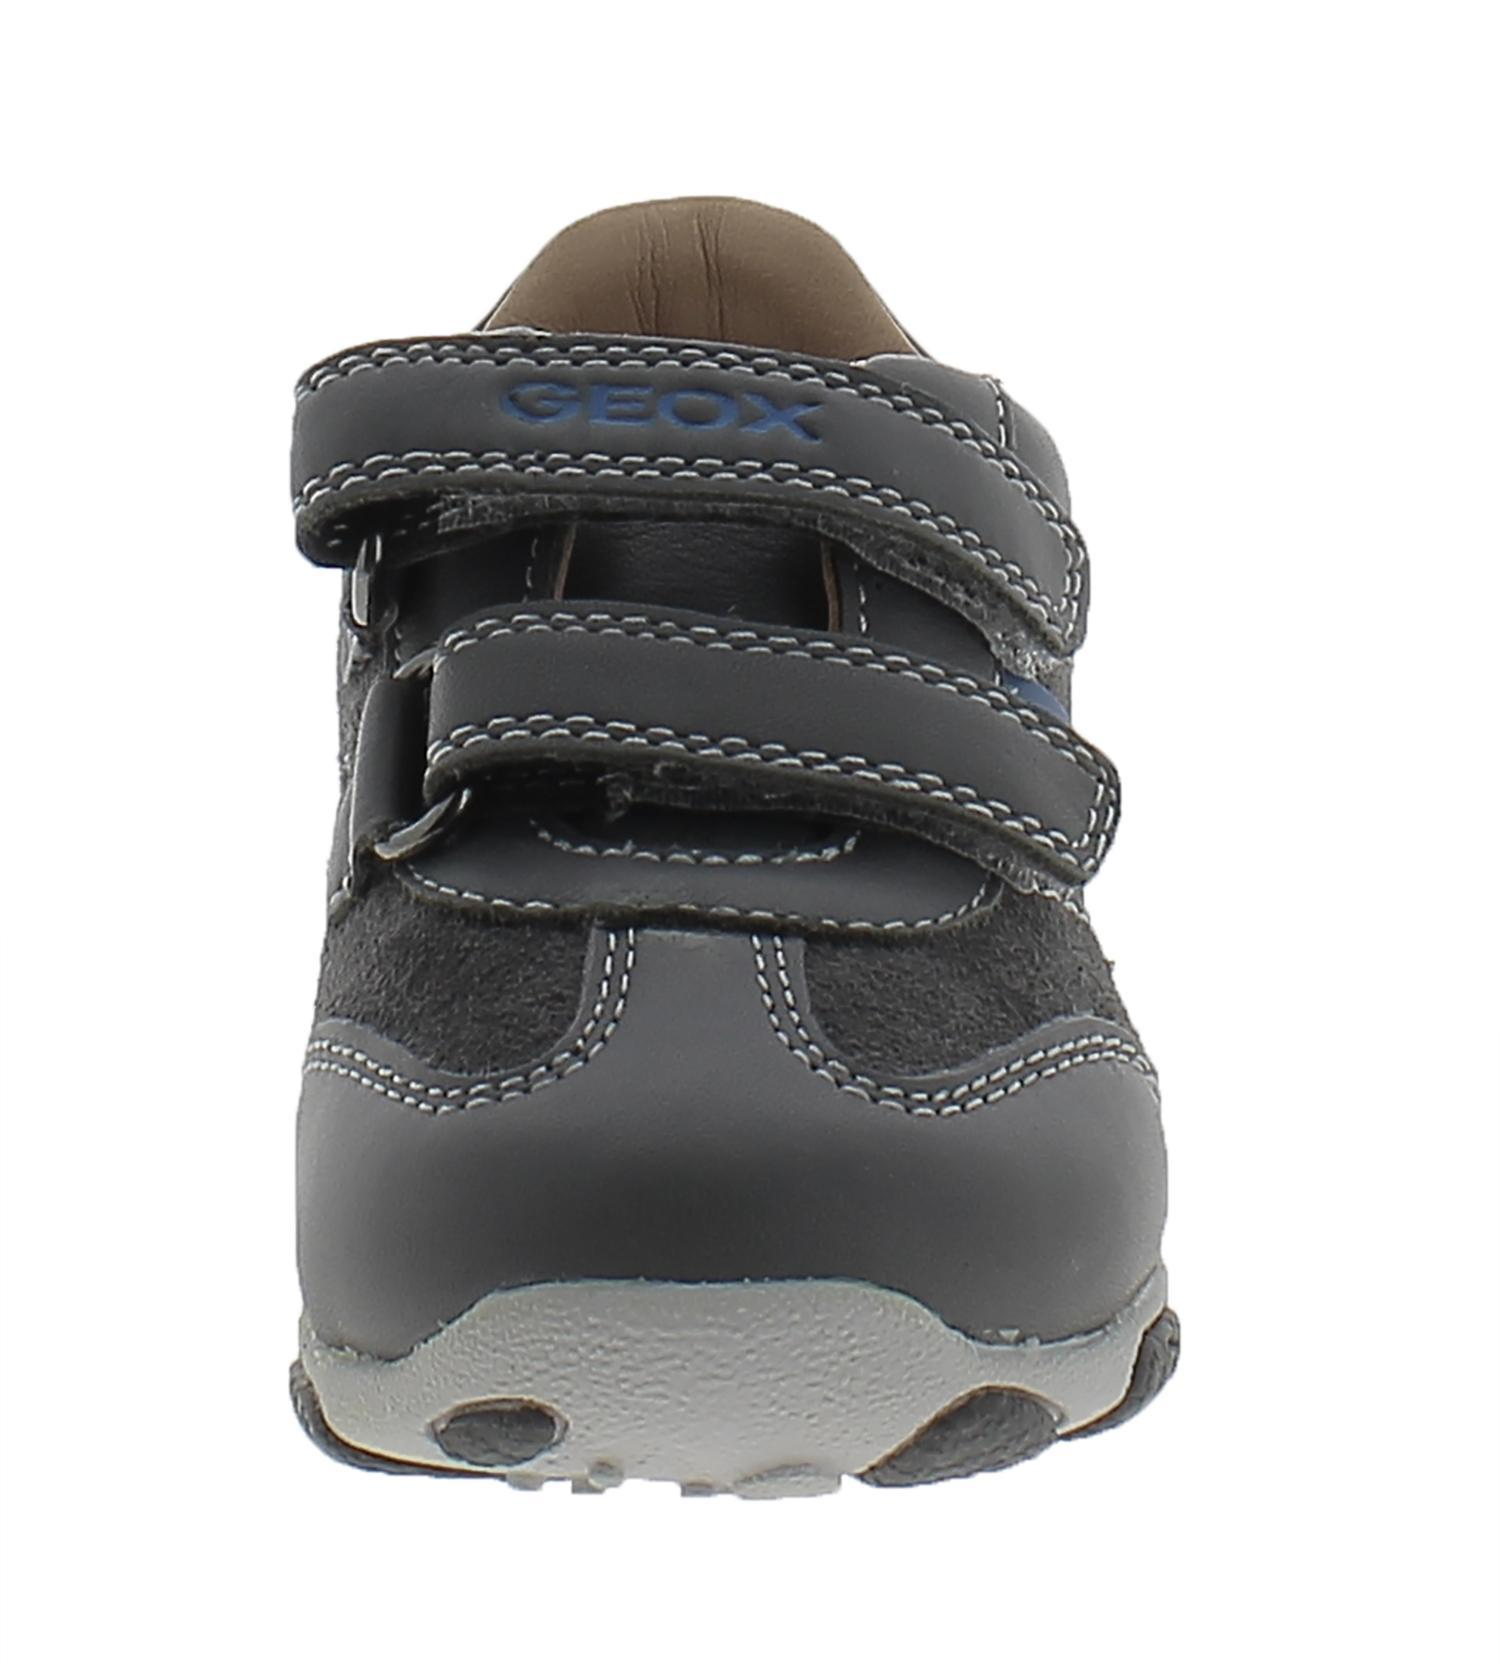 geox bal scarpe sportive bambino grigie b5436c